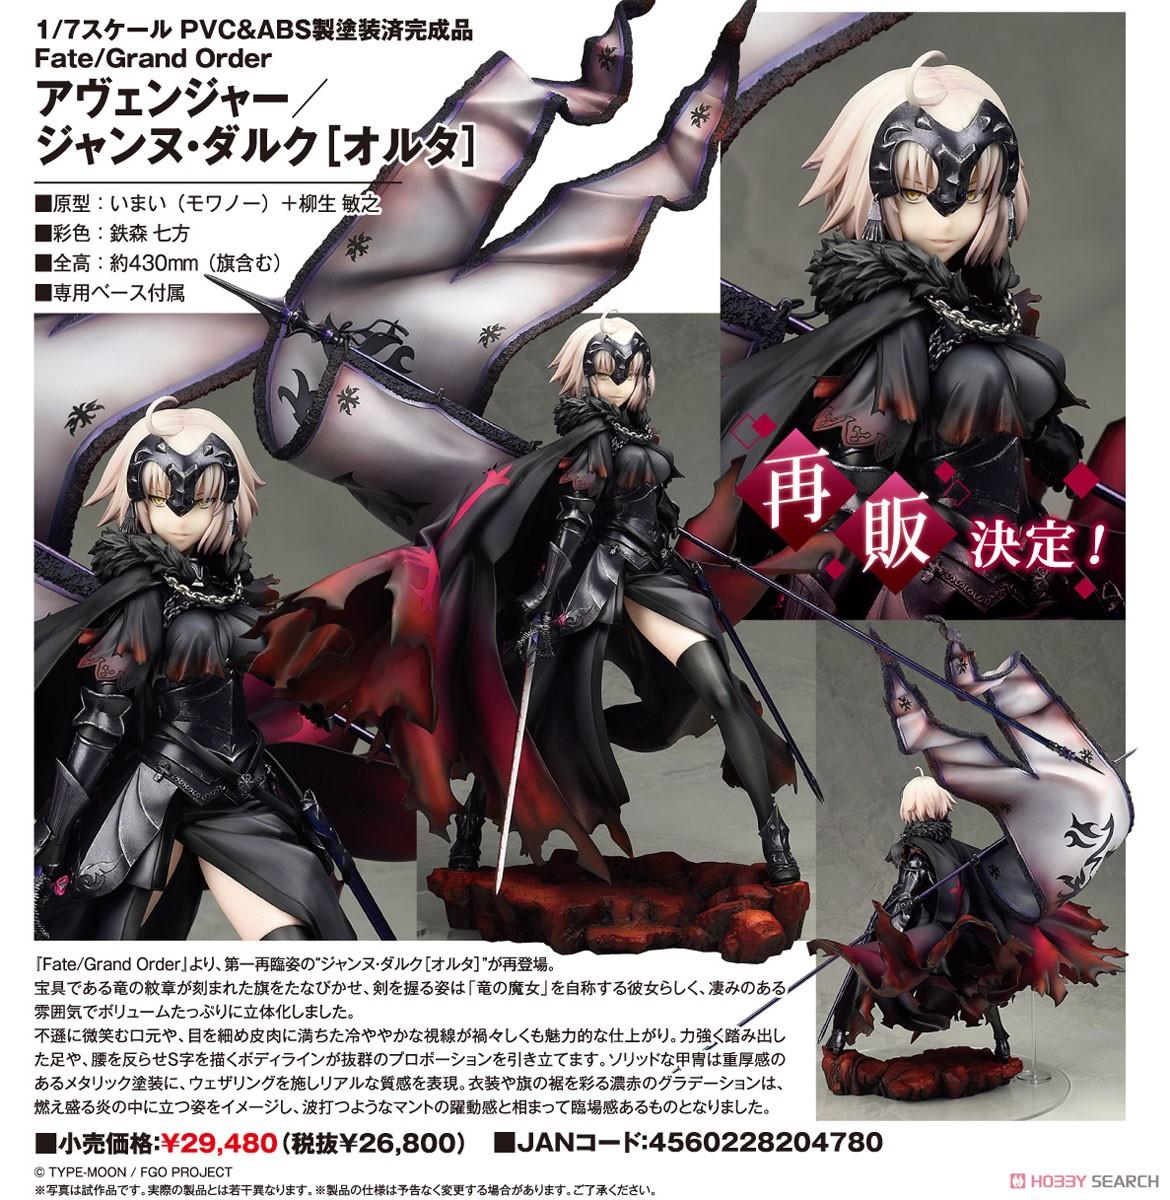 【再販】Fate/Grand Order『アヴェンジャー/ジャンヌ・ダルク[オルタ]』1/7 完成品フィギュア-014